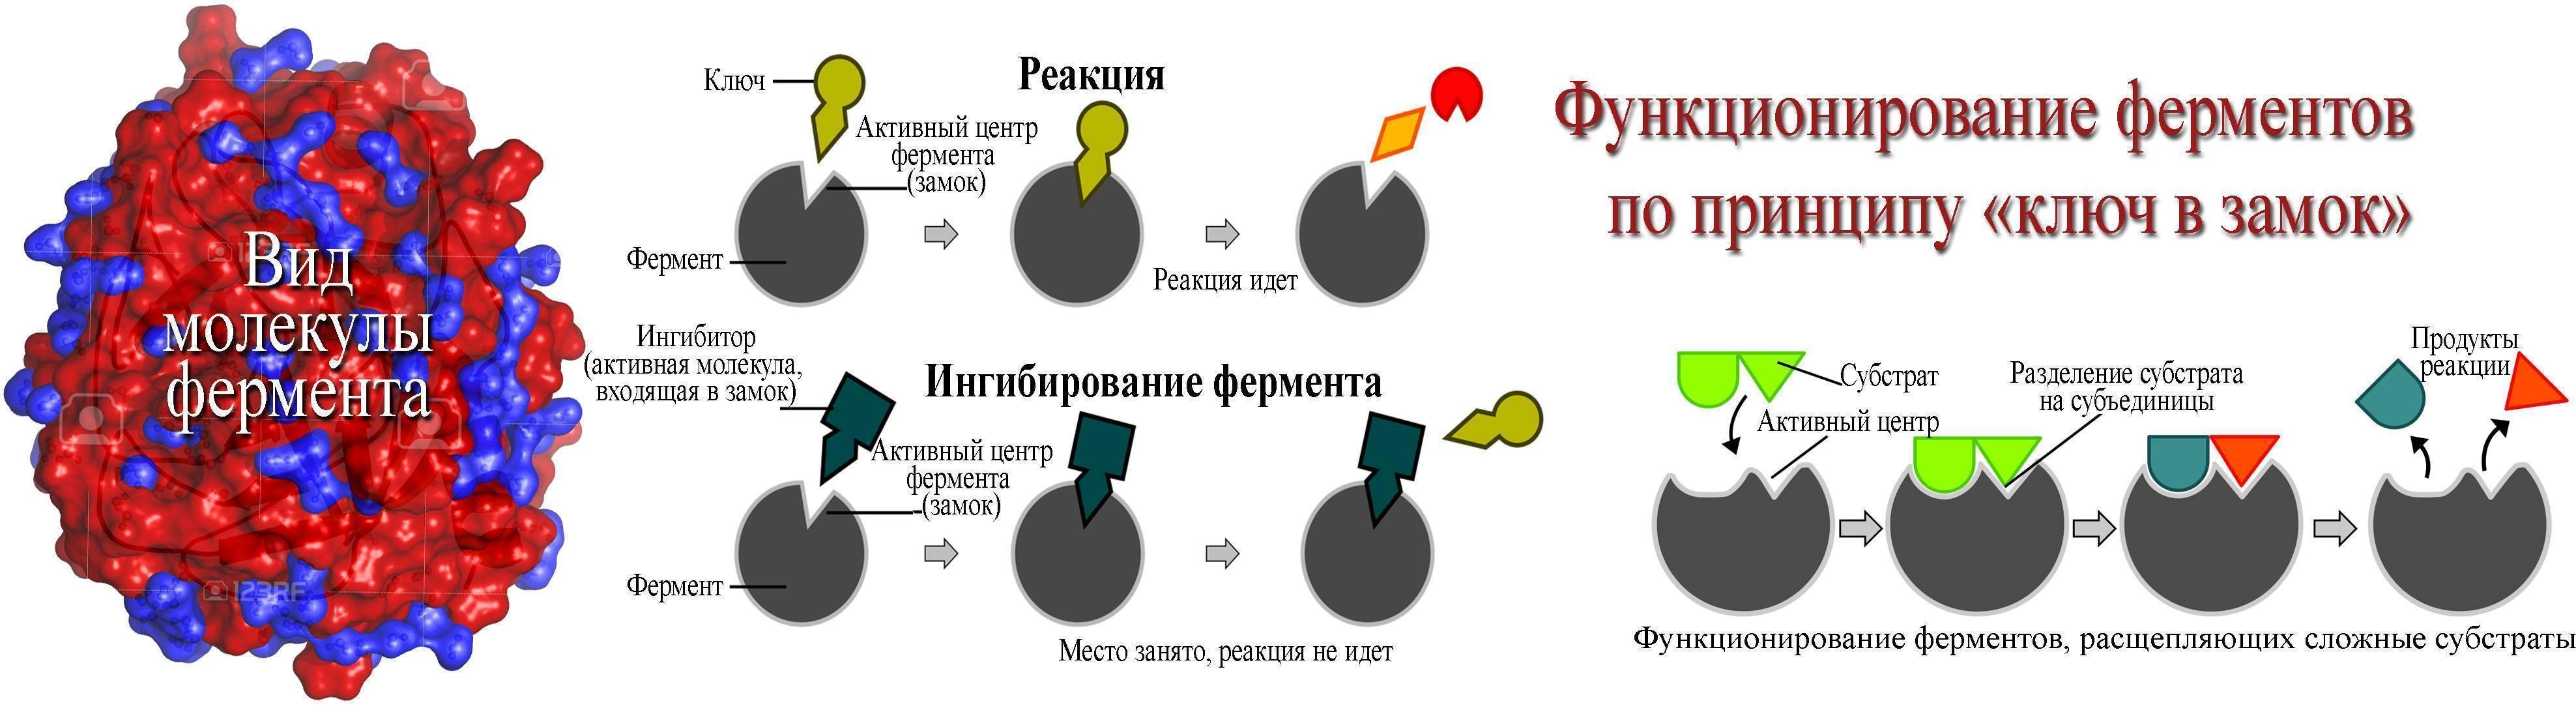 Фермент расщепляющий алкоголь в организме человека: как называется и принцип действия